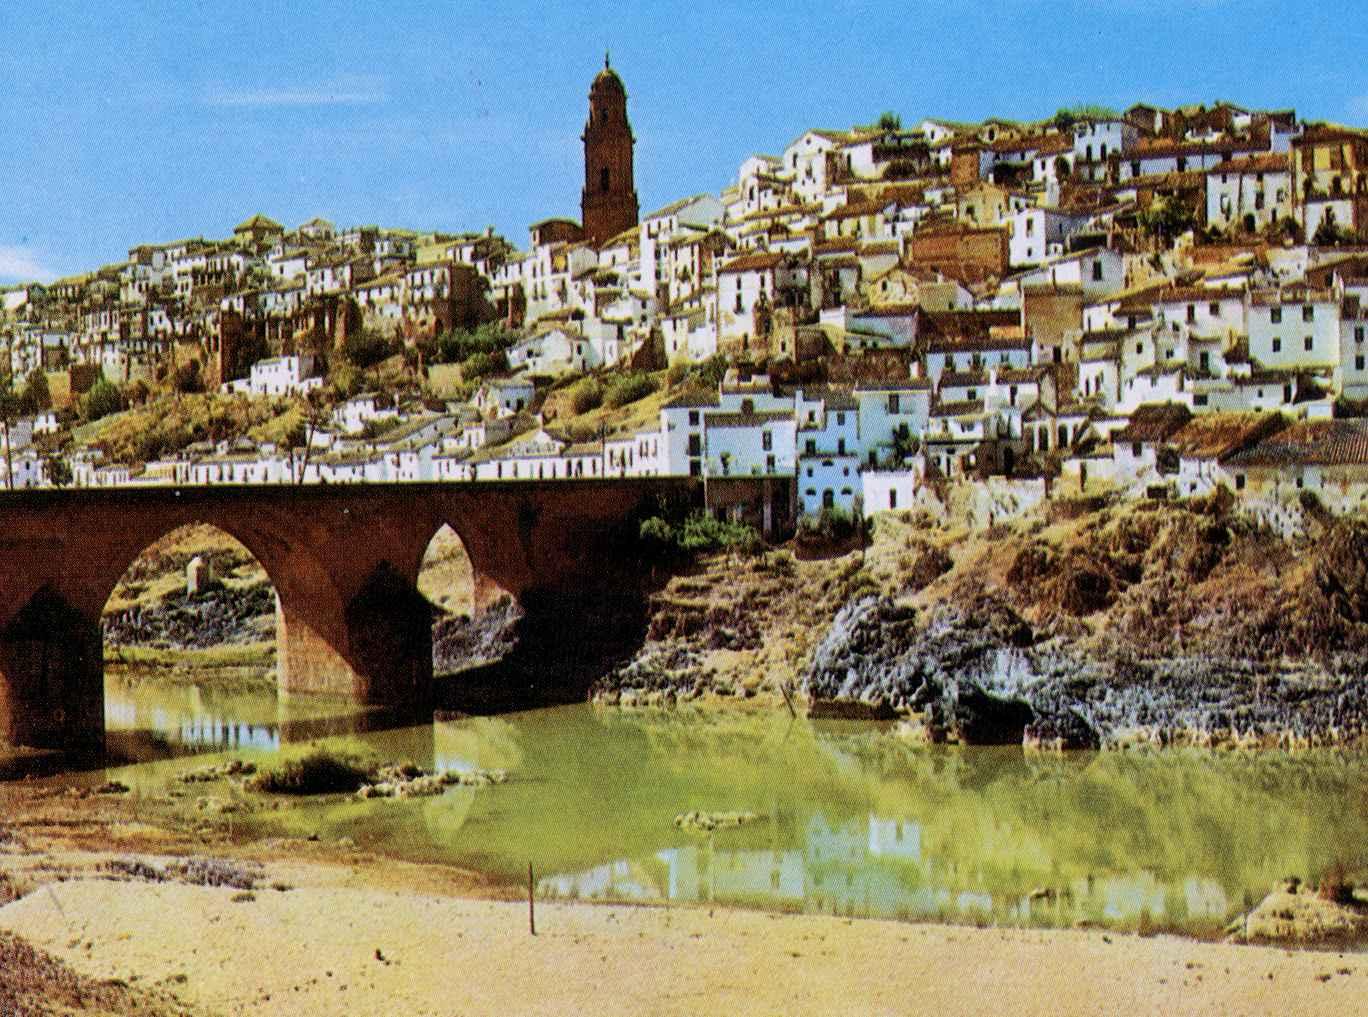 Montoro Spain  city photos gallery : foto de montoro un pueblo de cordoba montoro es un municipio español ...